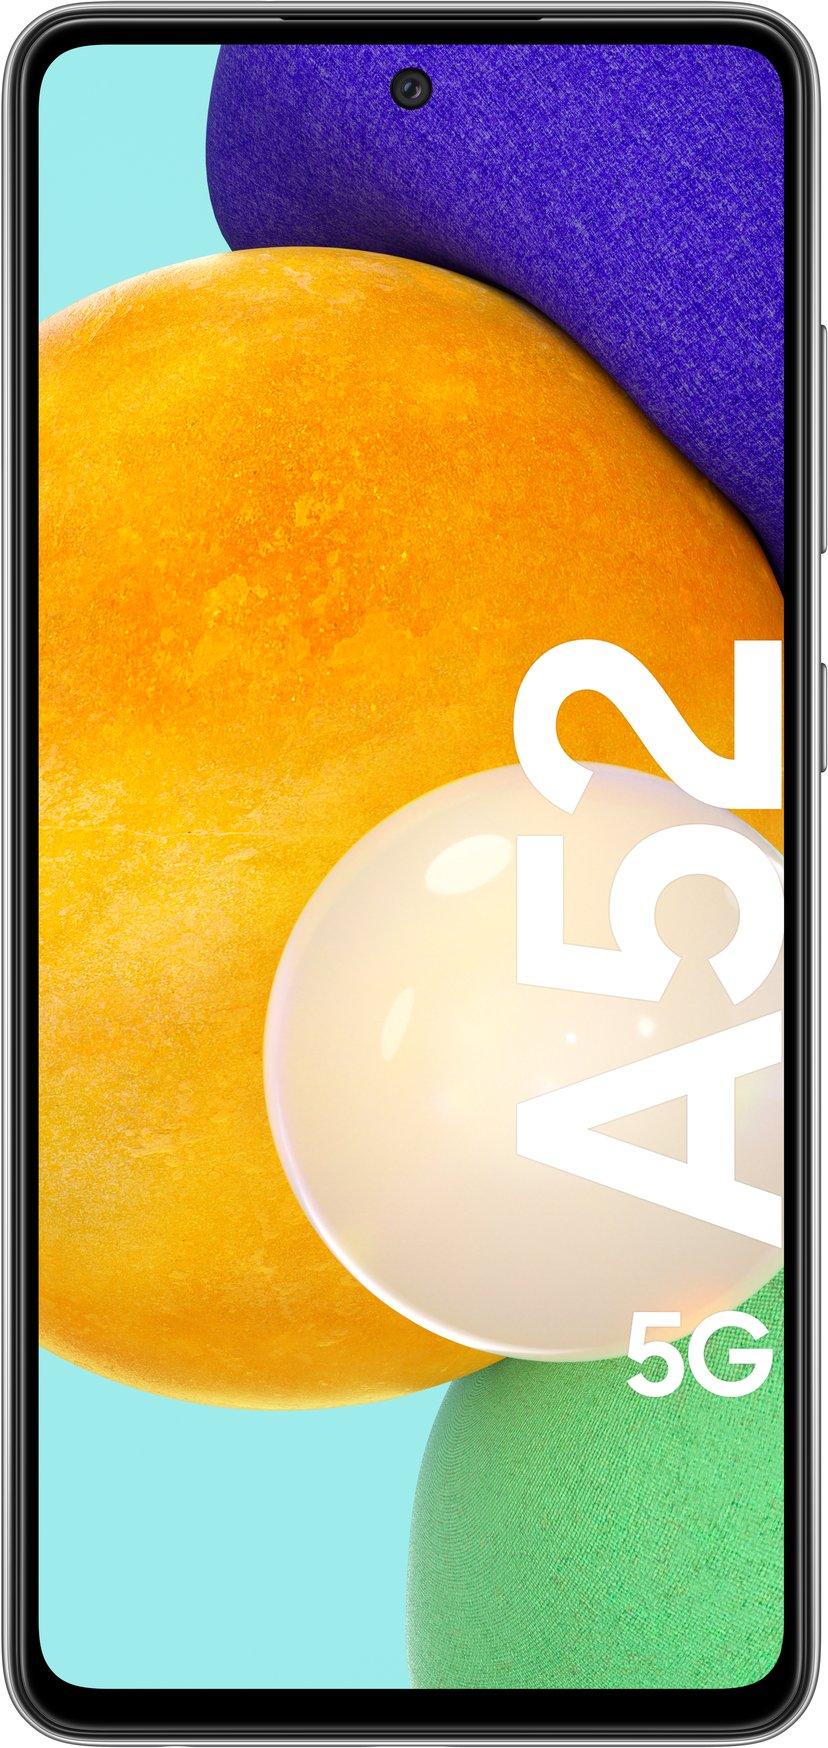 Samsung Galaxy A52 5G 128GB Dual-SIM Fantastisk svart